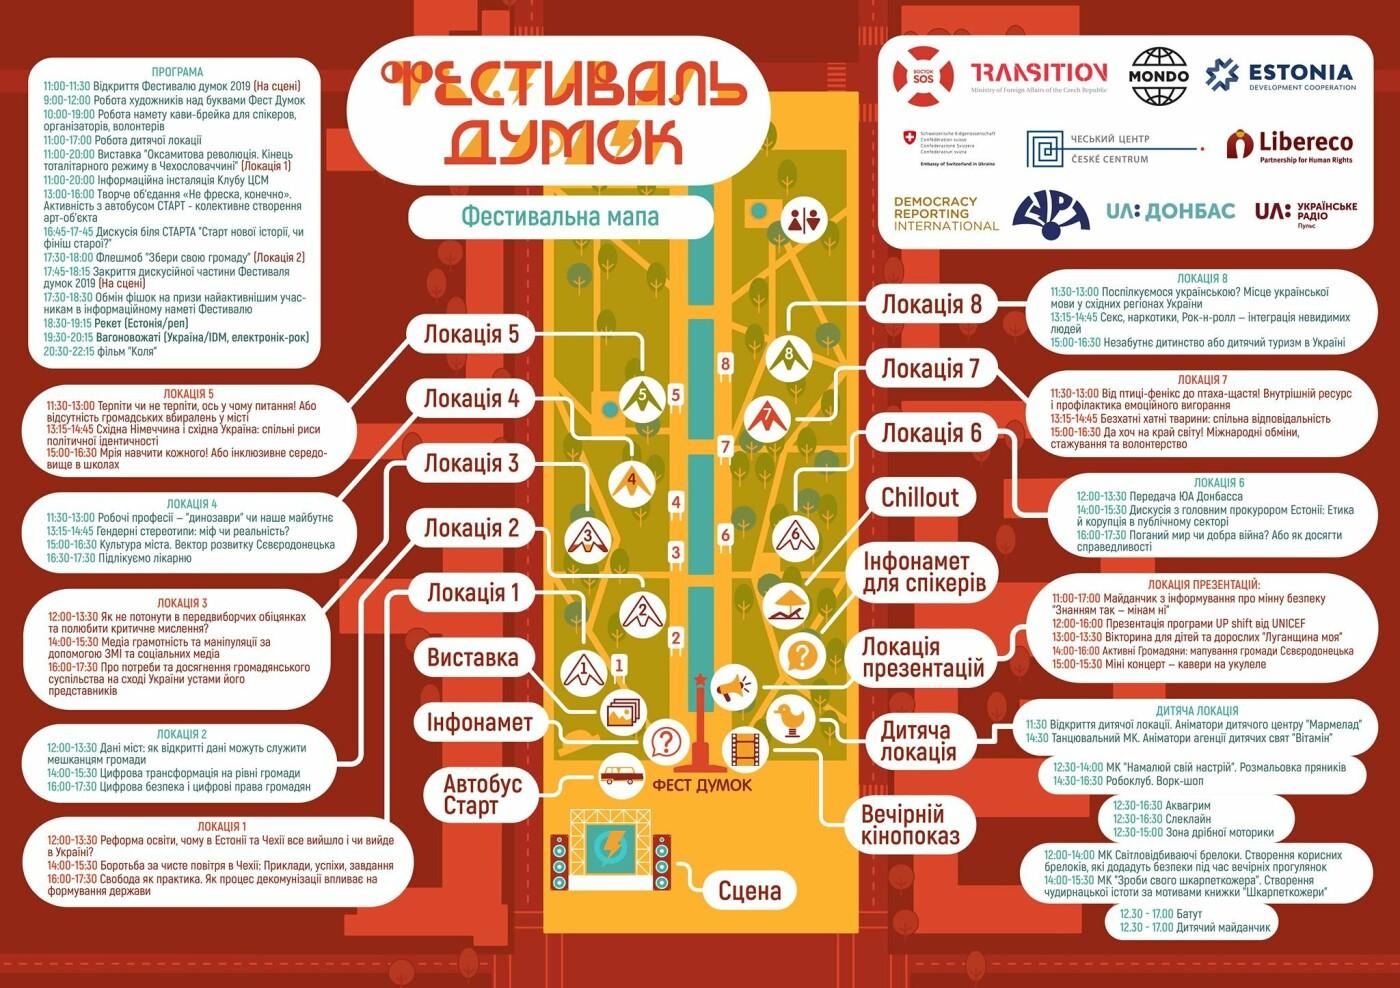 Известен список дискуссий на Фестивале мнений в Северодонецке, фото-1